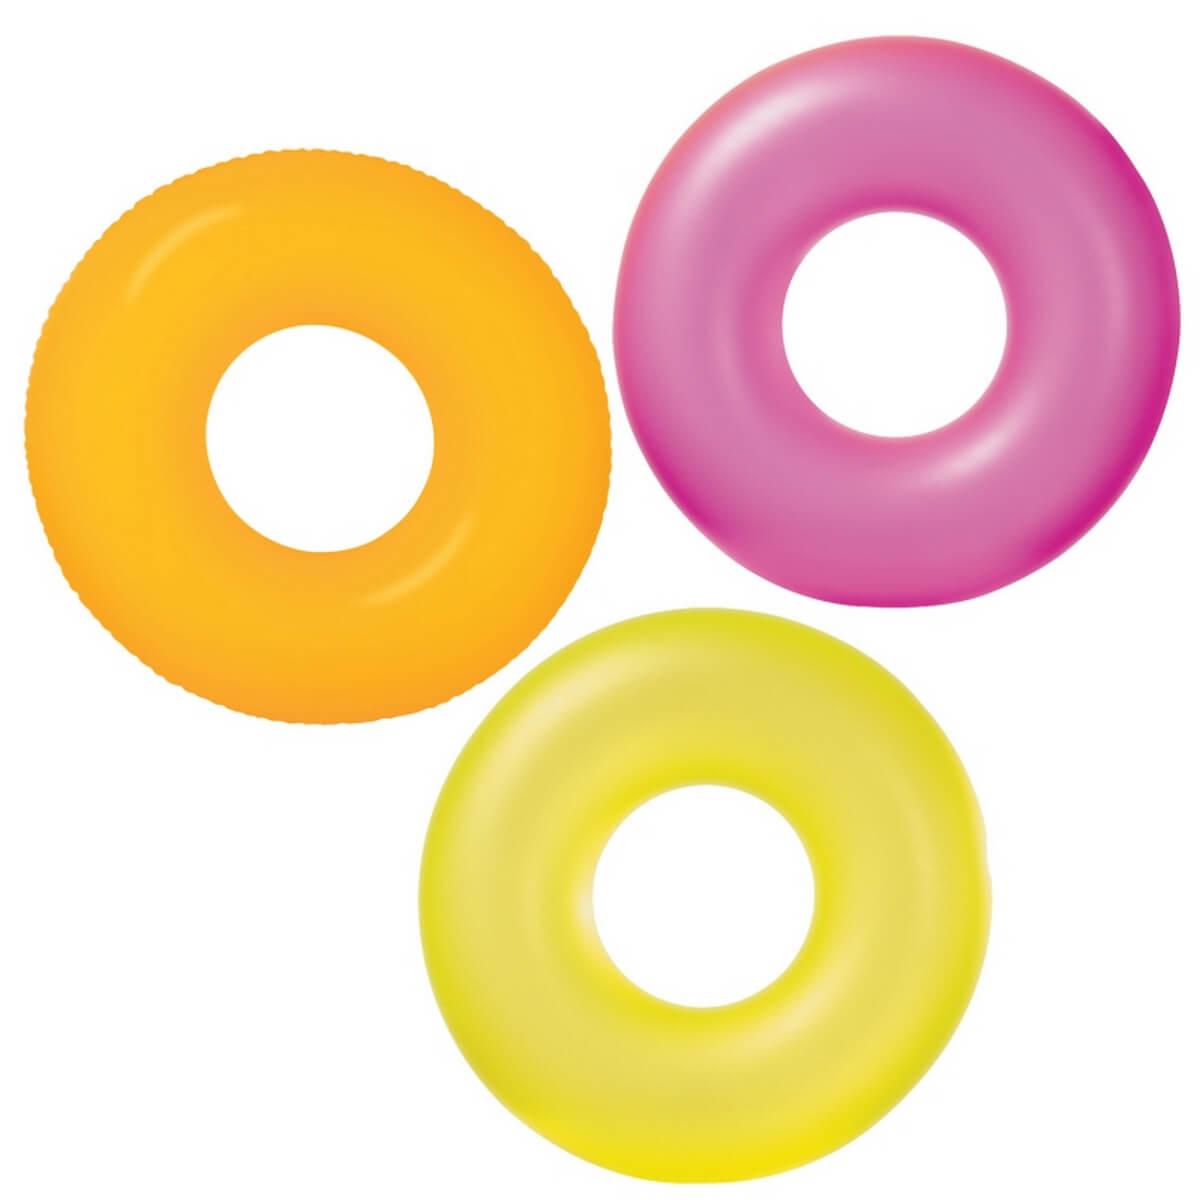 Круг надувной цветной прозрачный, 91 см.Надувные животные, круги и матрацы<br>Круг надувной цветной прозрачный, 91 см.<br>